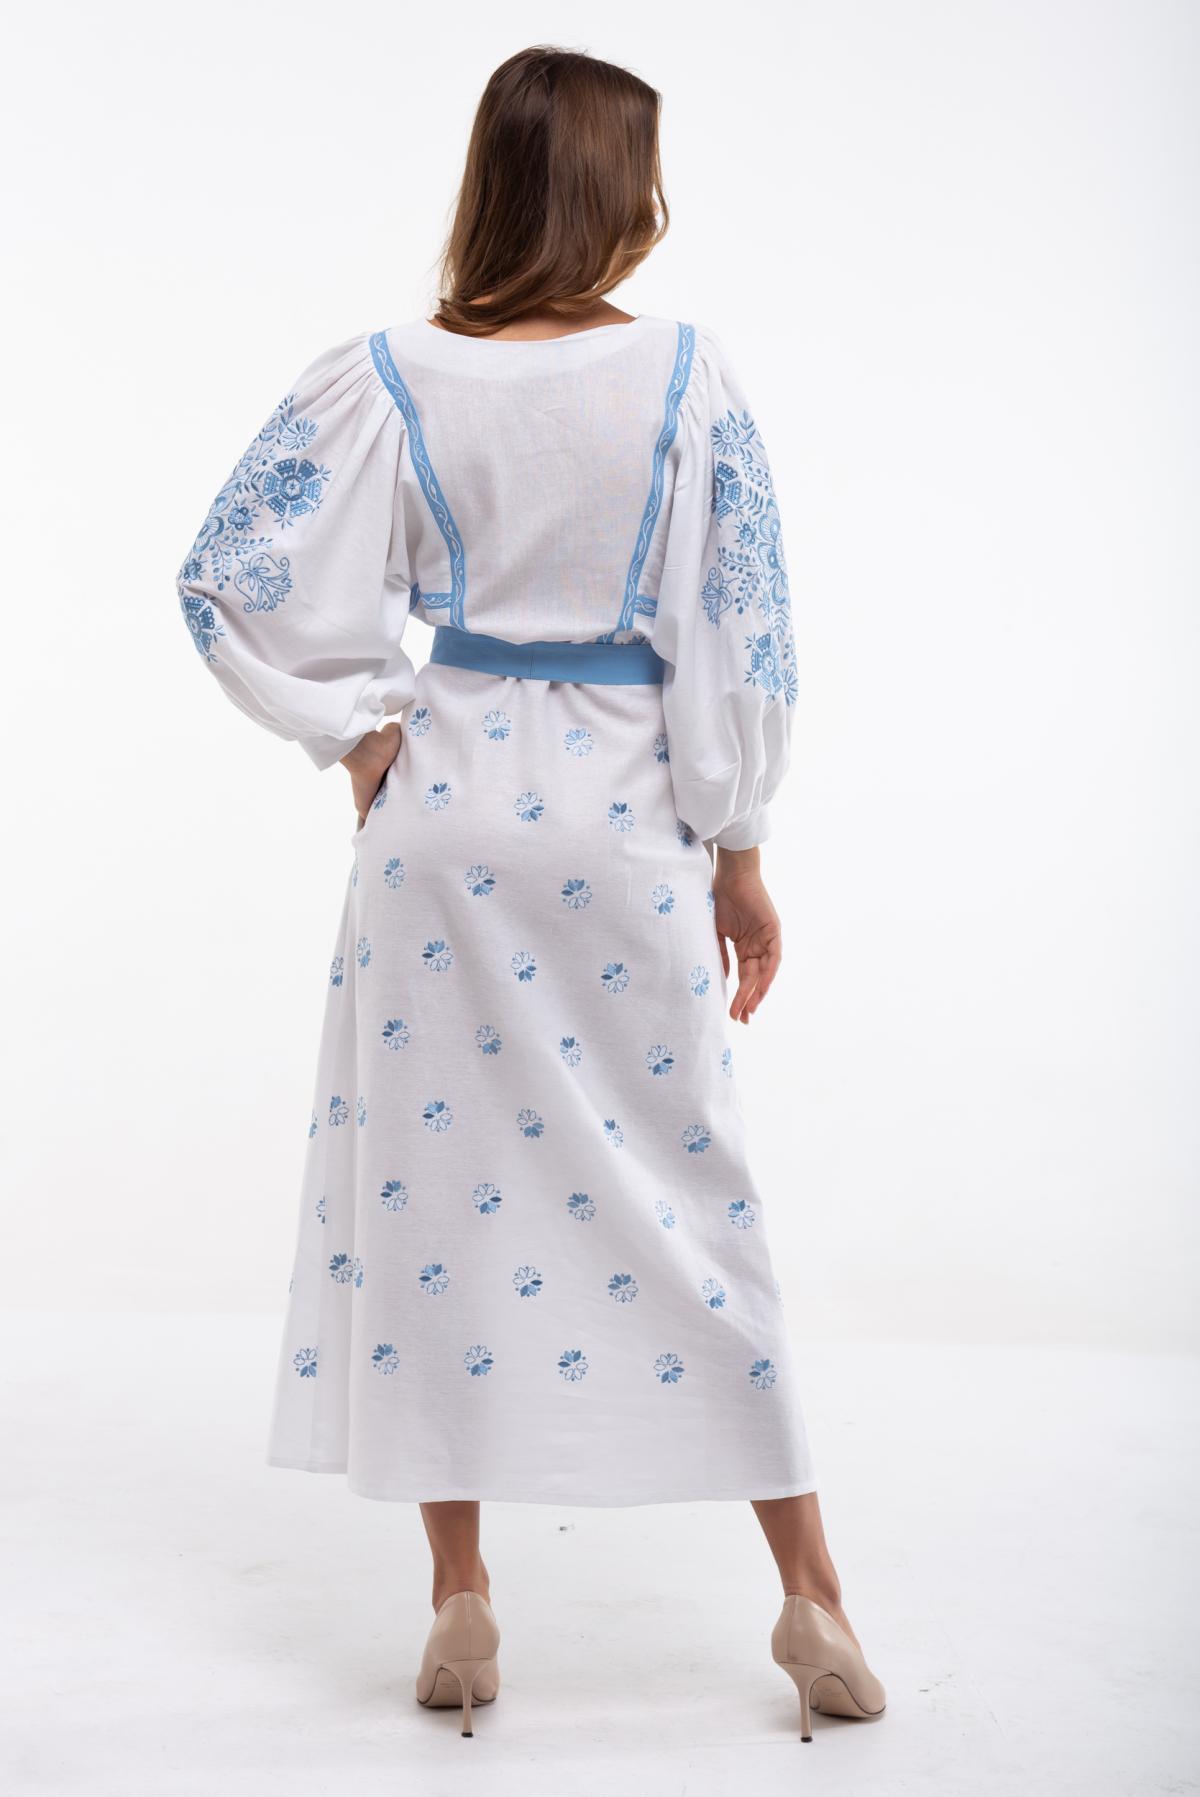 Сукня вишита Росинка біла. Фото №3. | Народний дім Україна